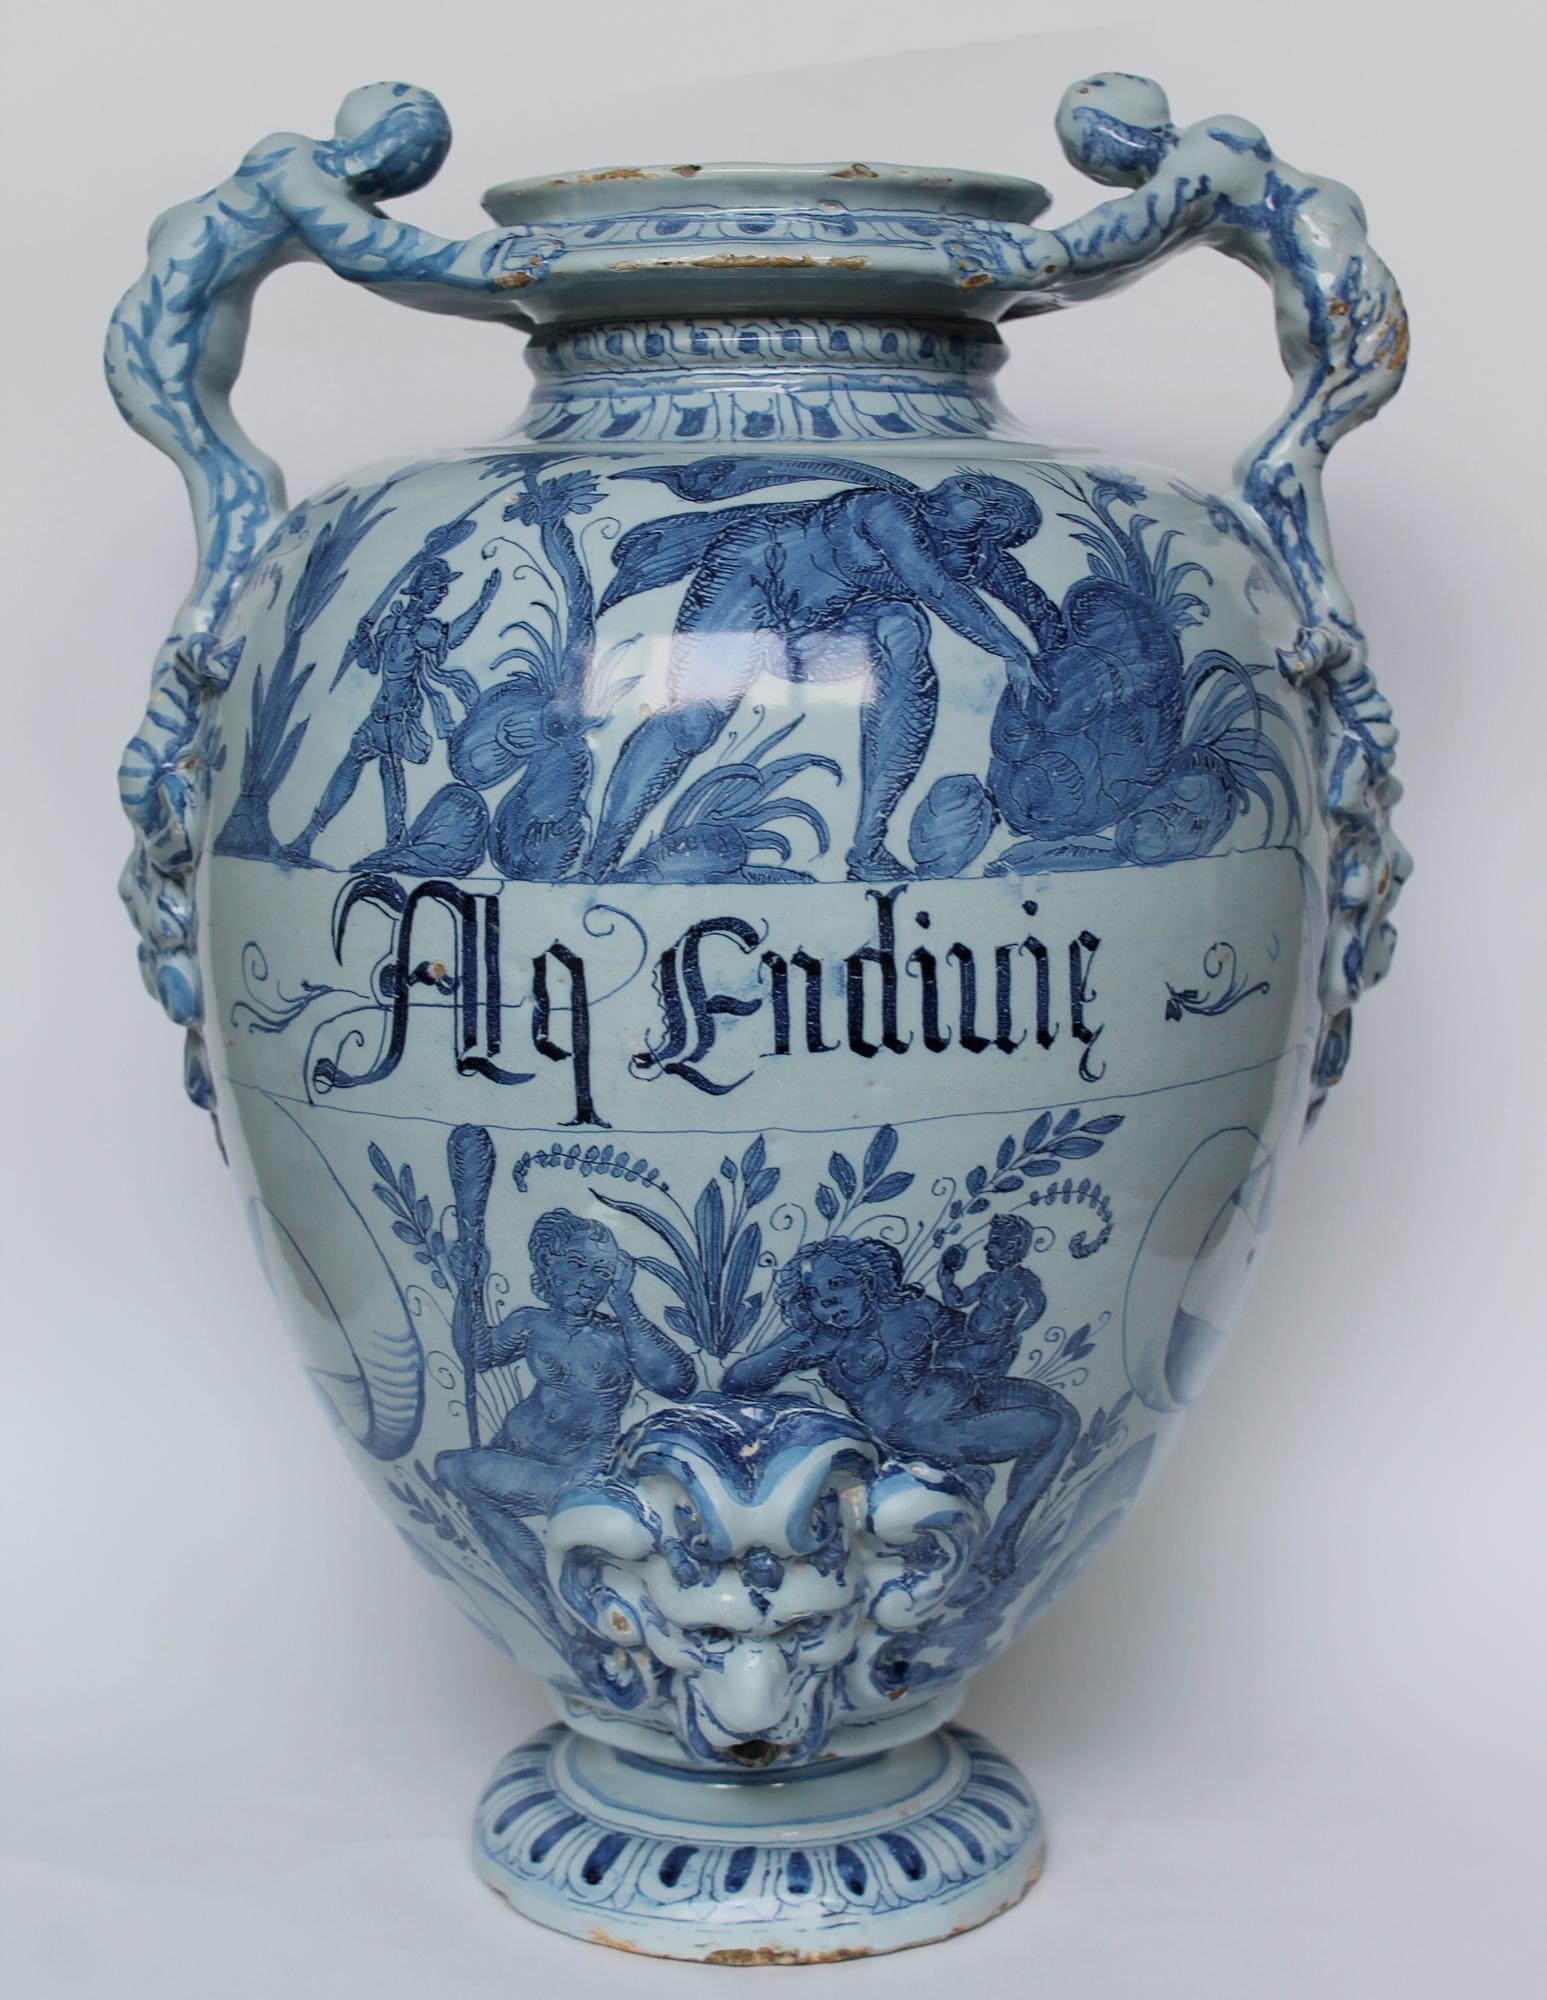 Restauro di un vaso da farmacia savonese per la mostra Turcherie suggestioni dell'arte Ottomana a Genova